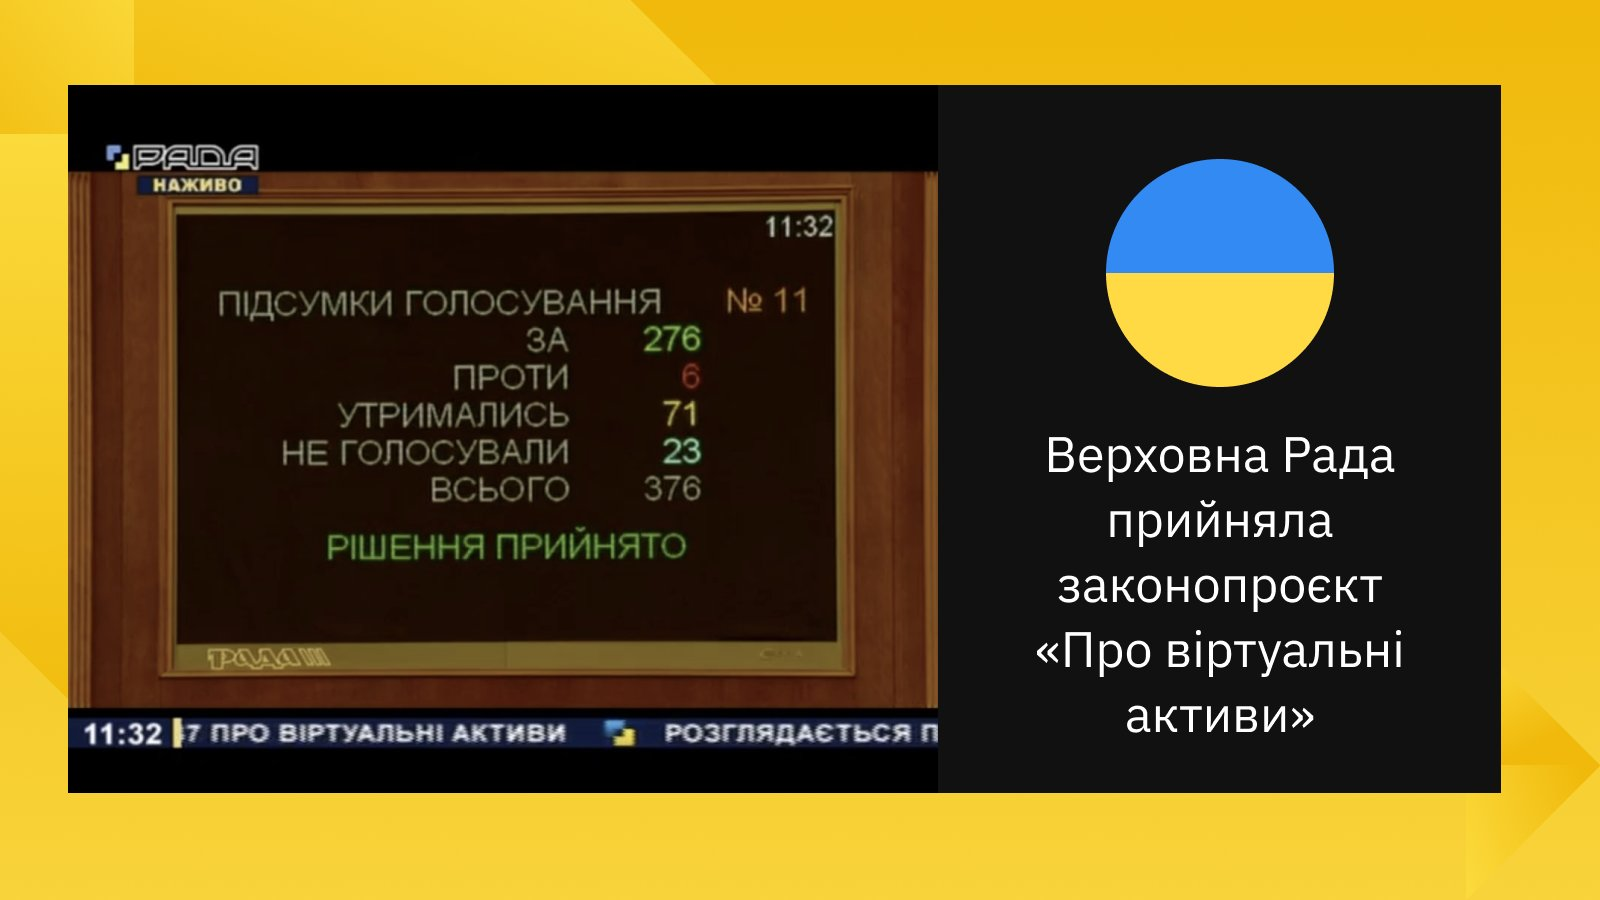 Det ukrainske parlaments afstemning om Bitcoin -lov vinder med overvældende flertal